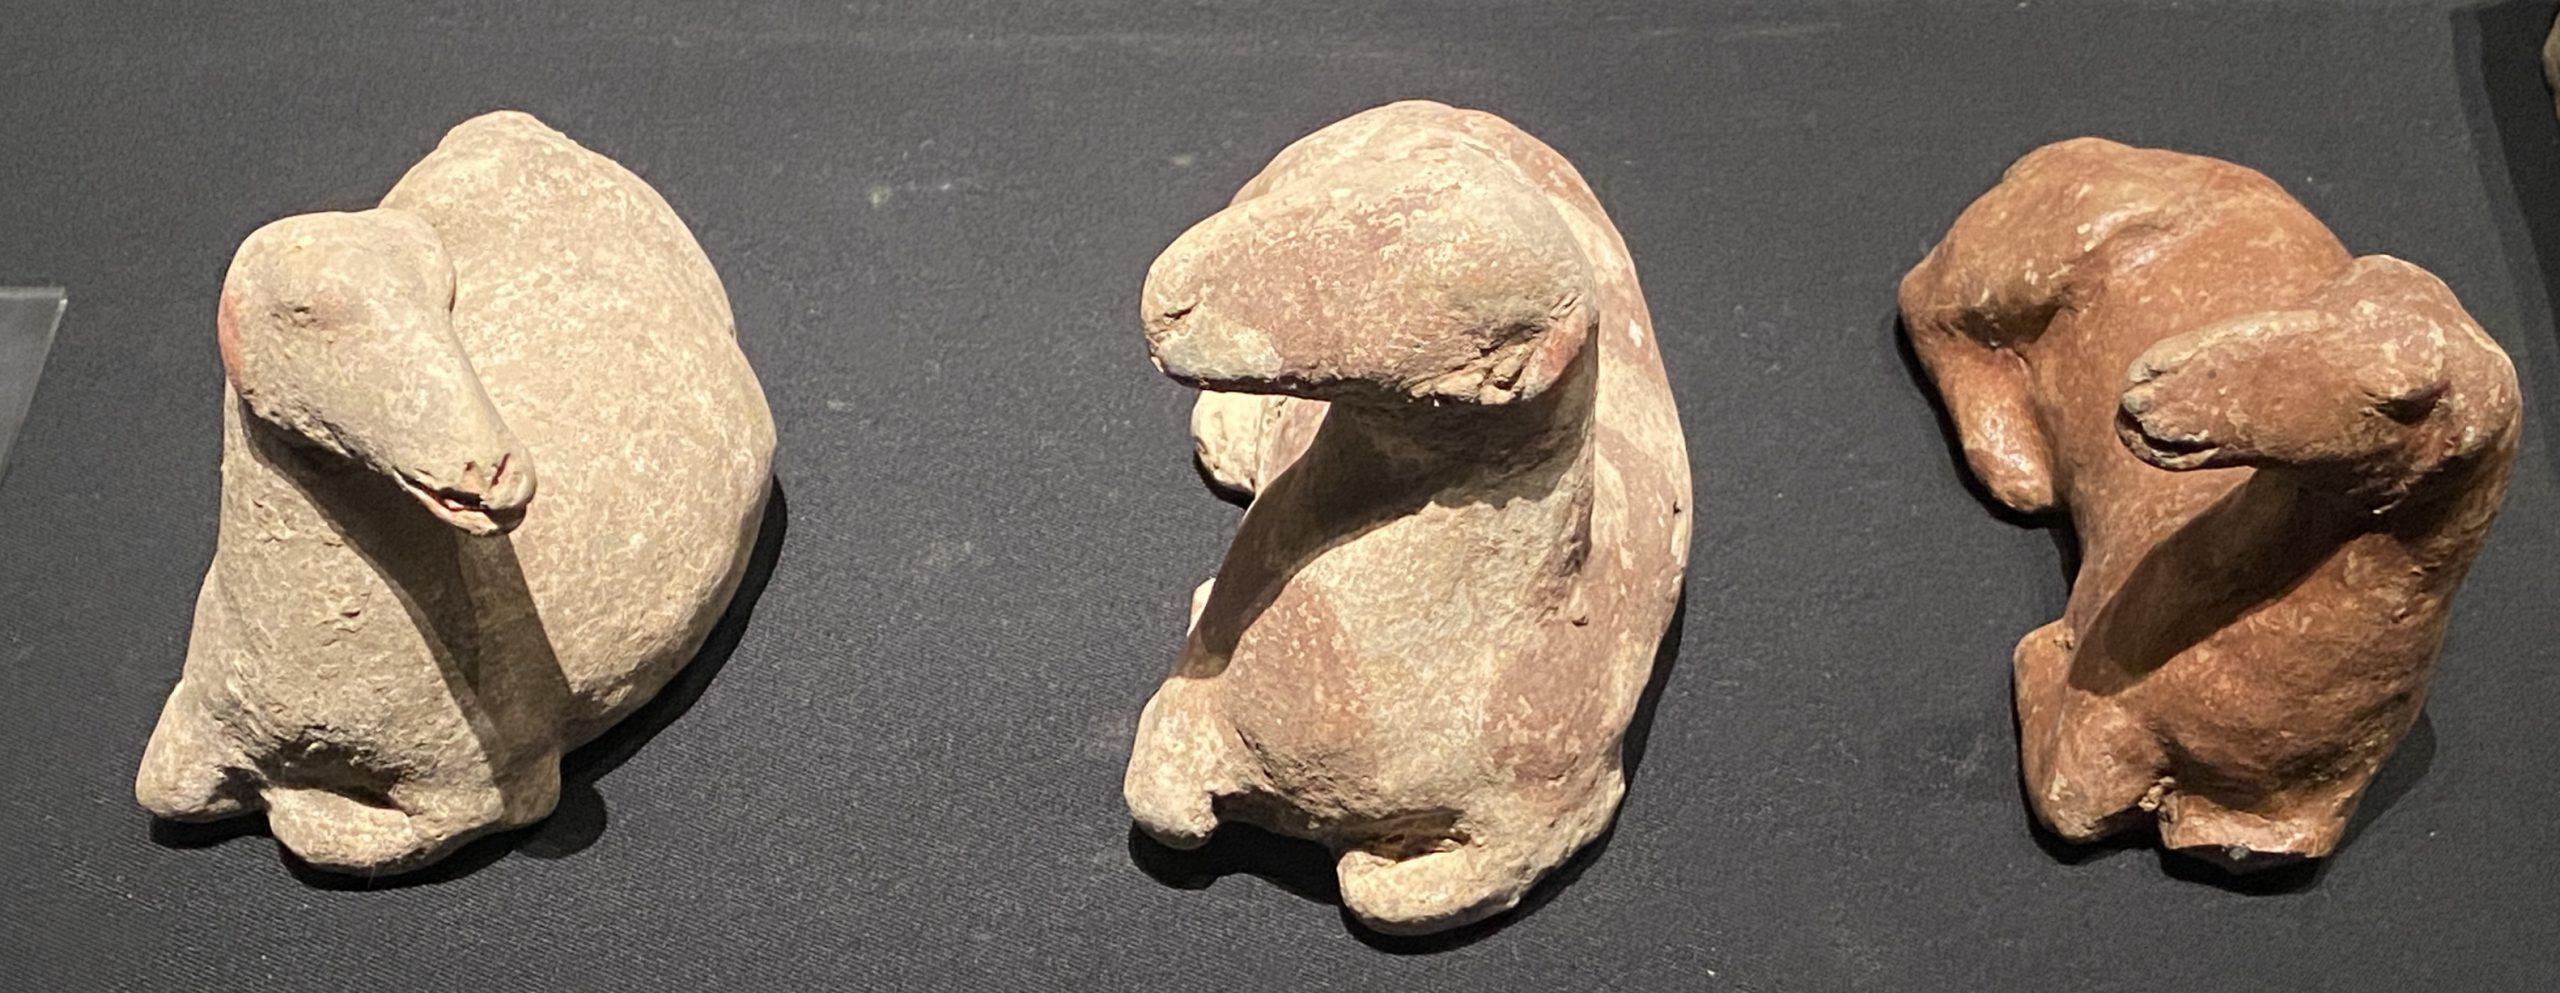 陶羊-【列備五都-秦漢時代の中国都市】-成都博物館-四川成都